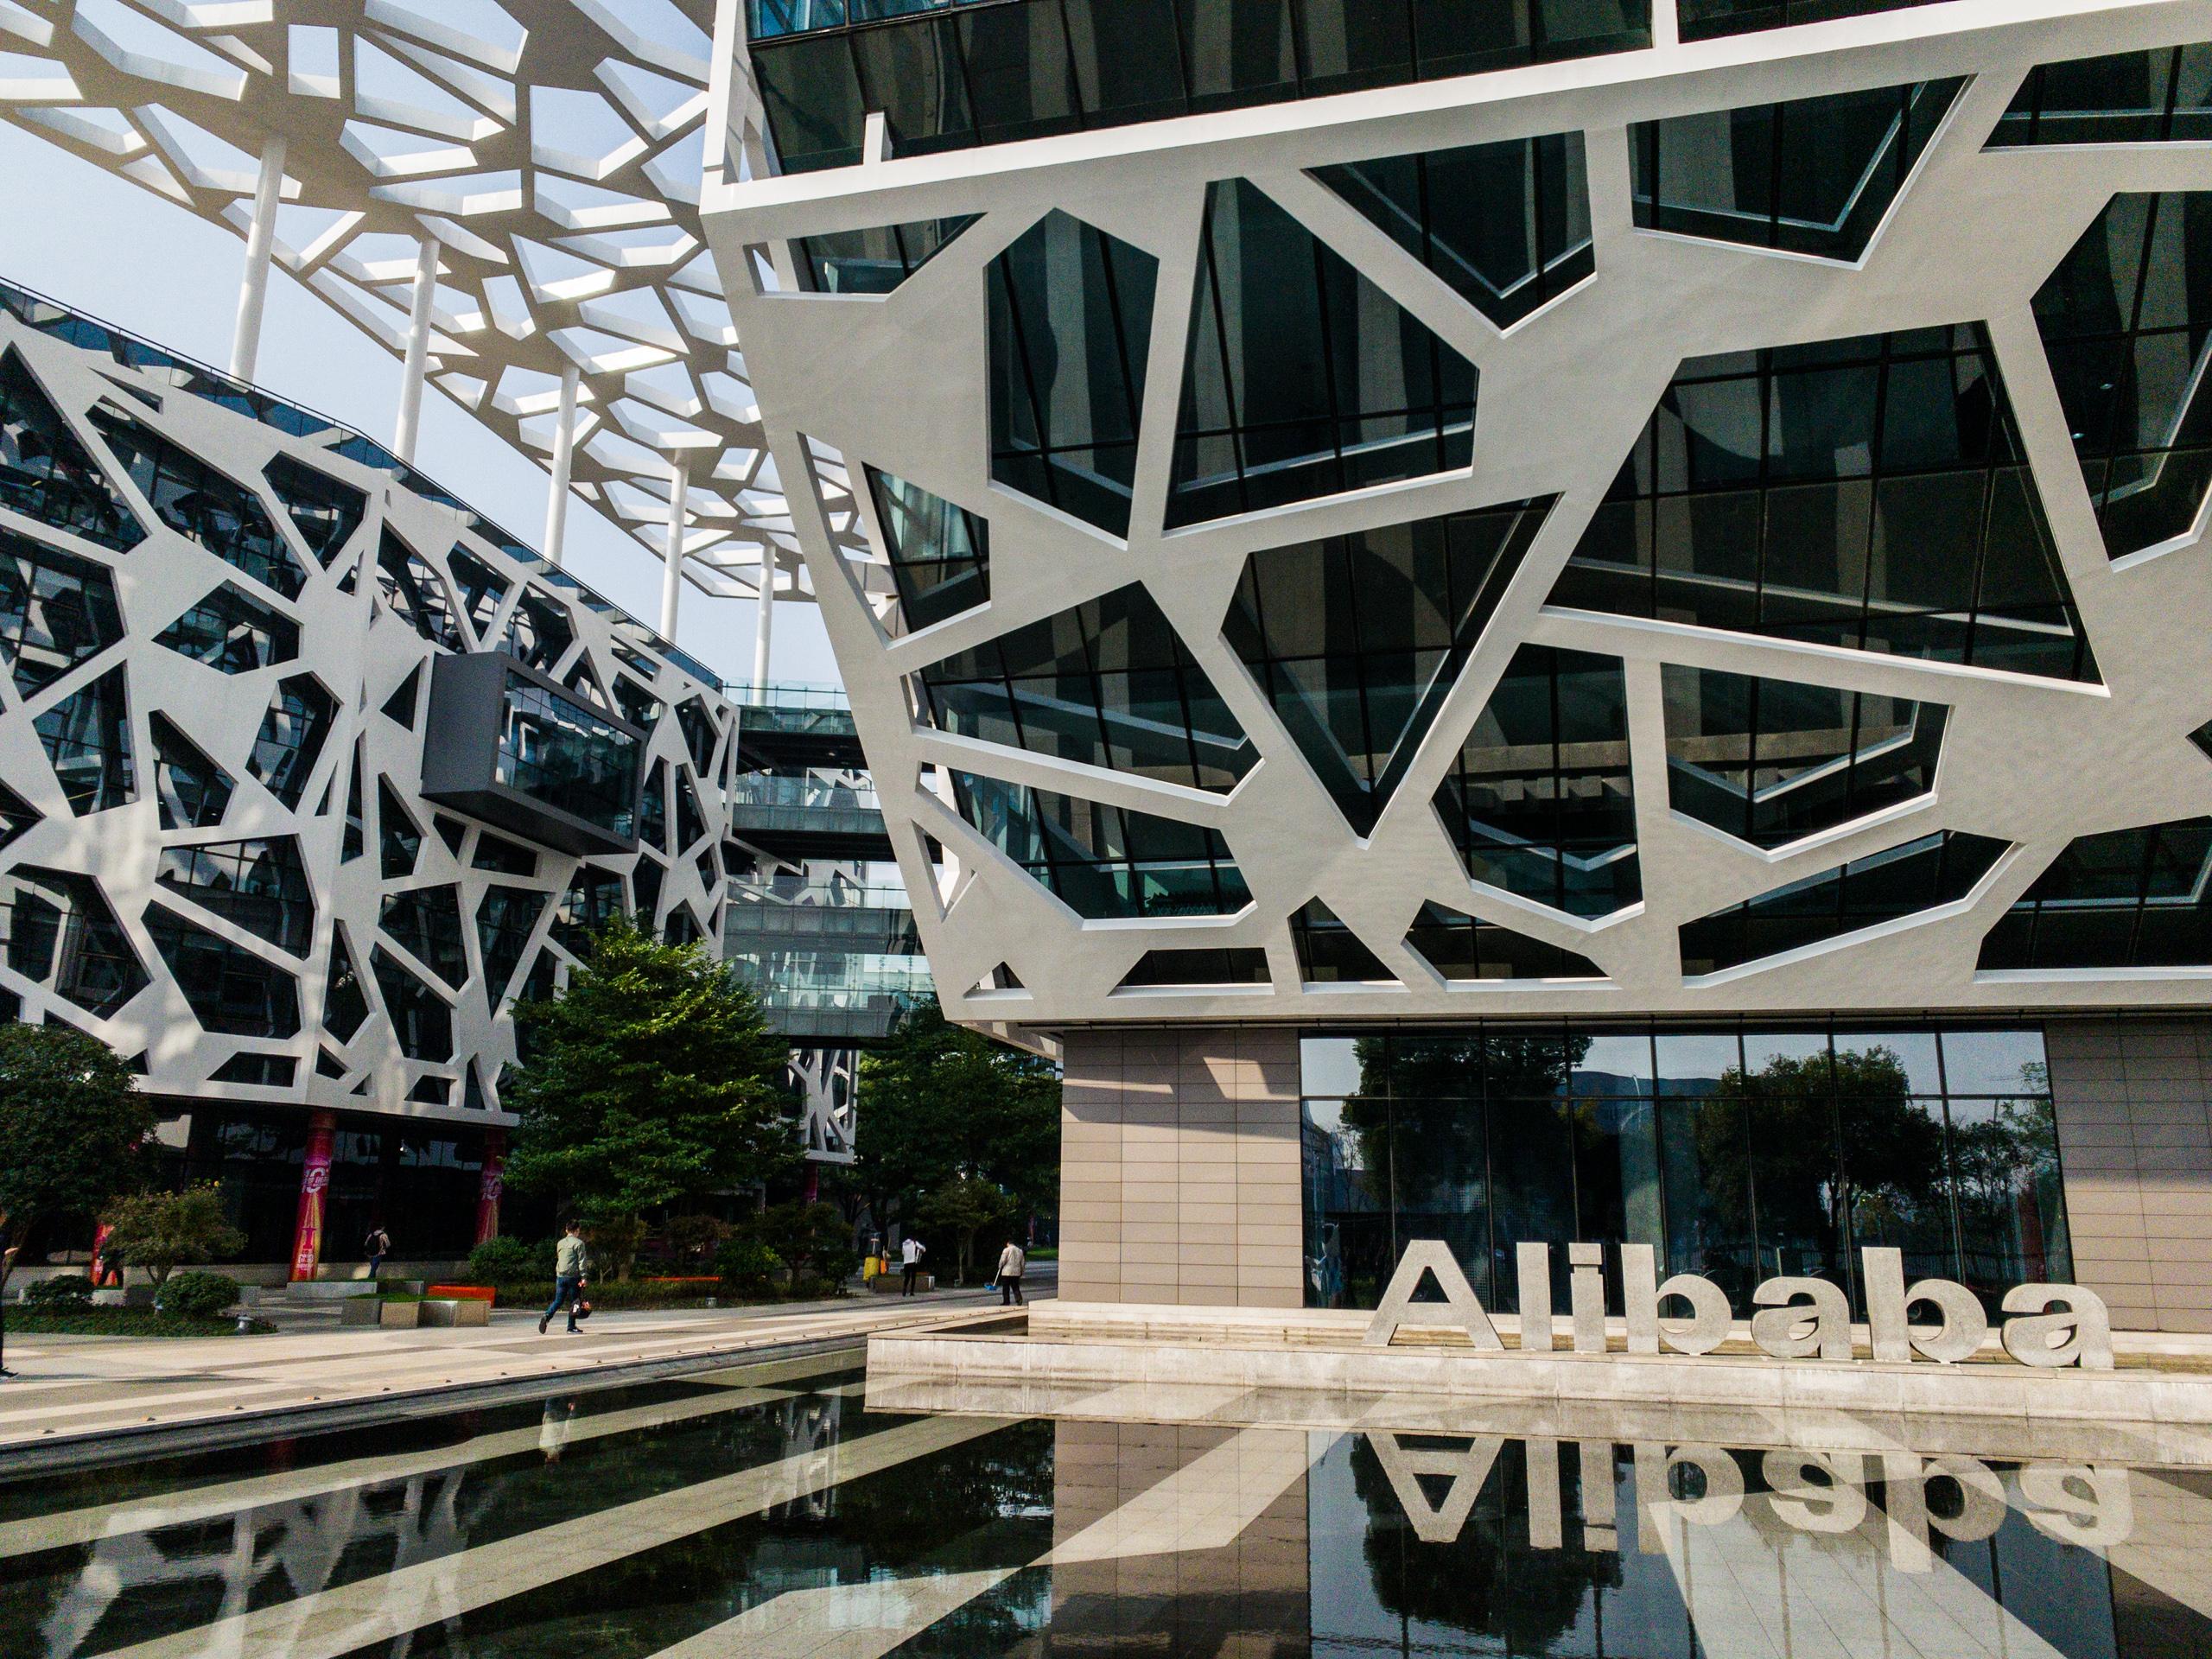 Crise não afeta Grupo Alibaba